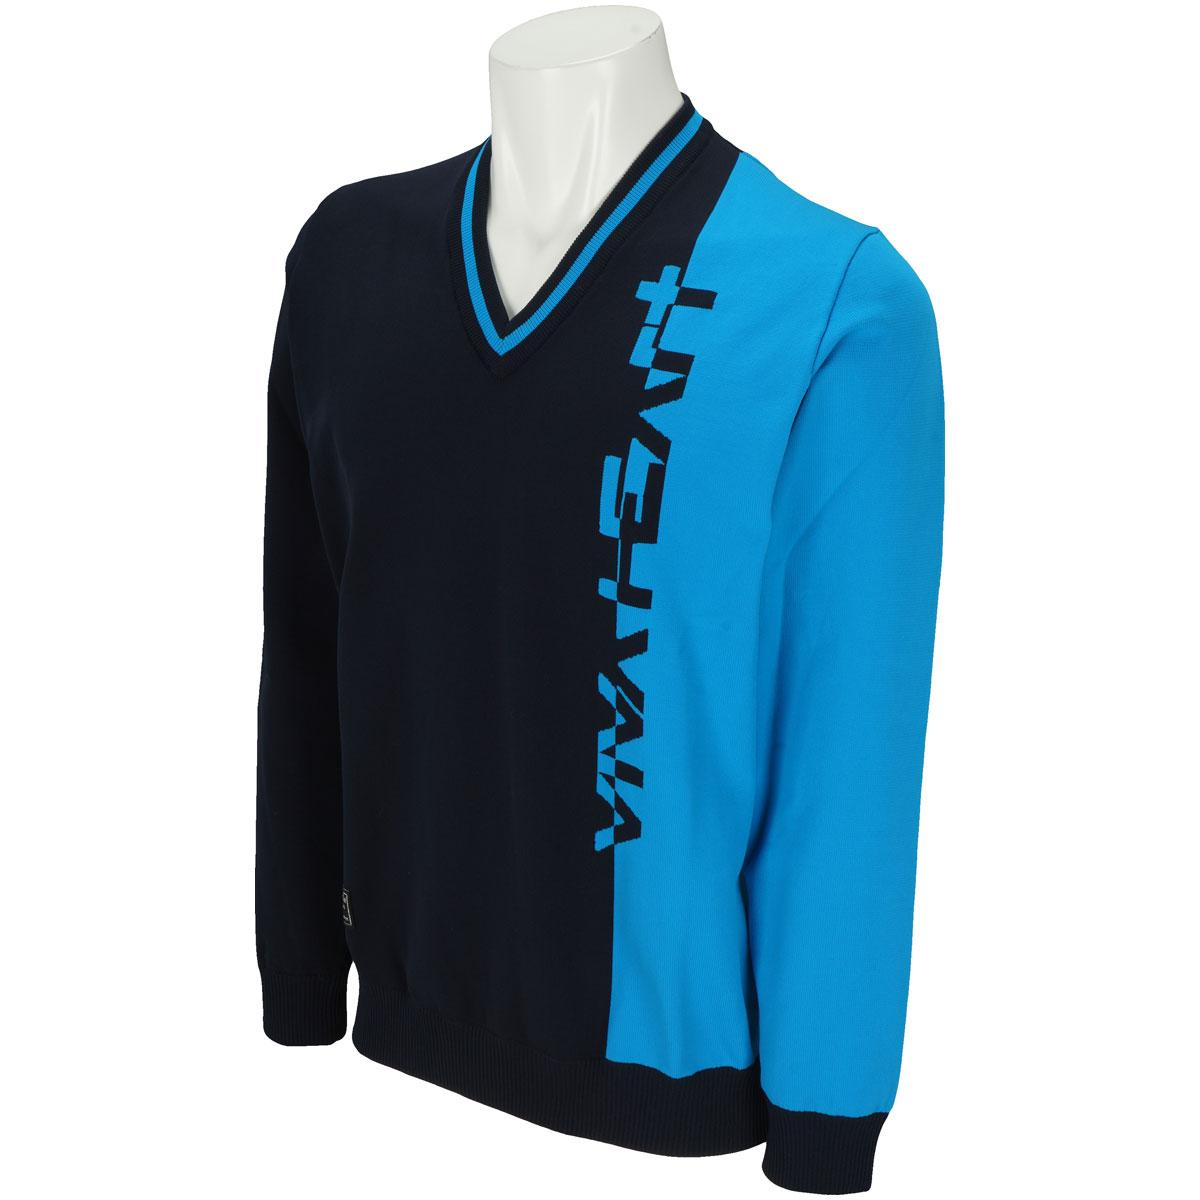 Vネックロゴセーター